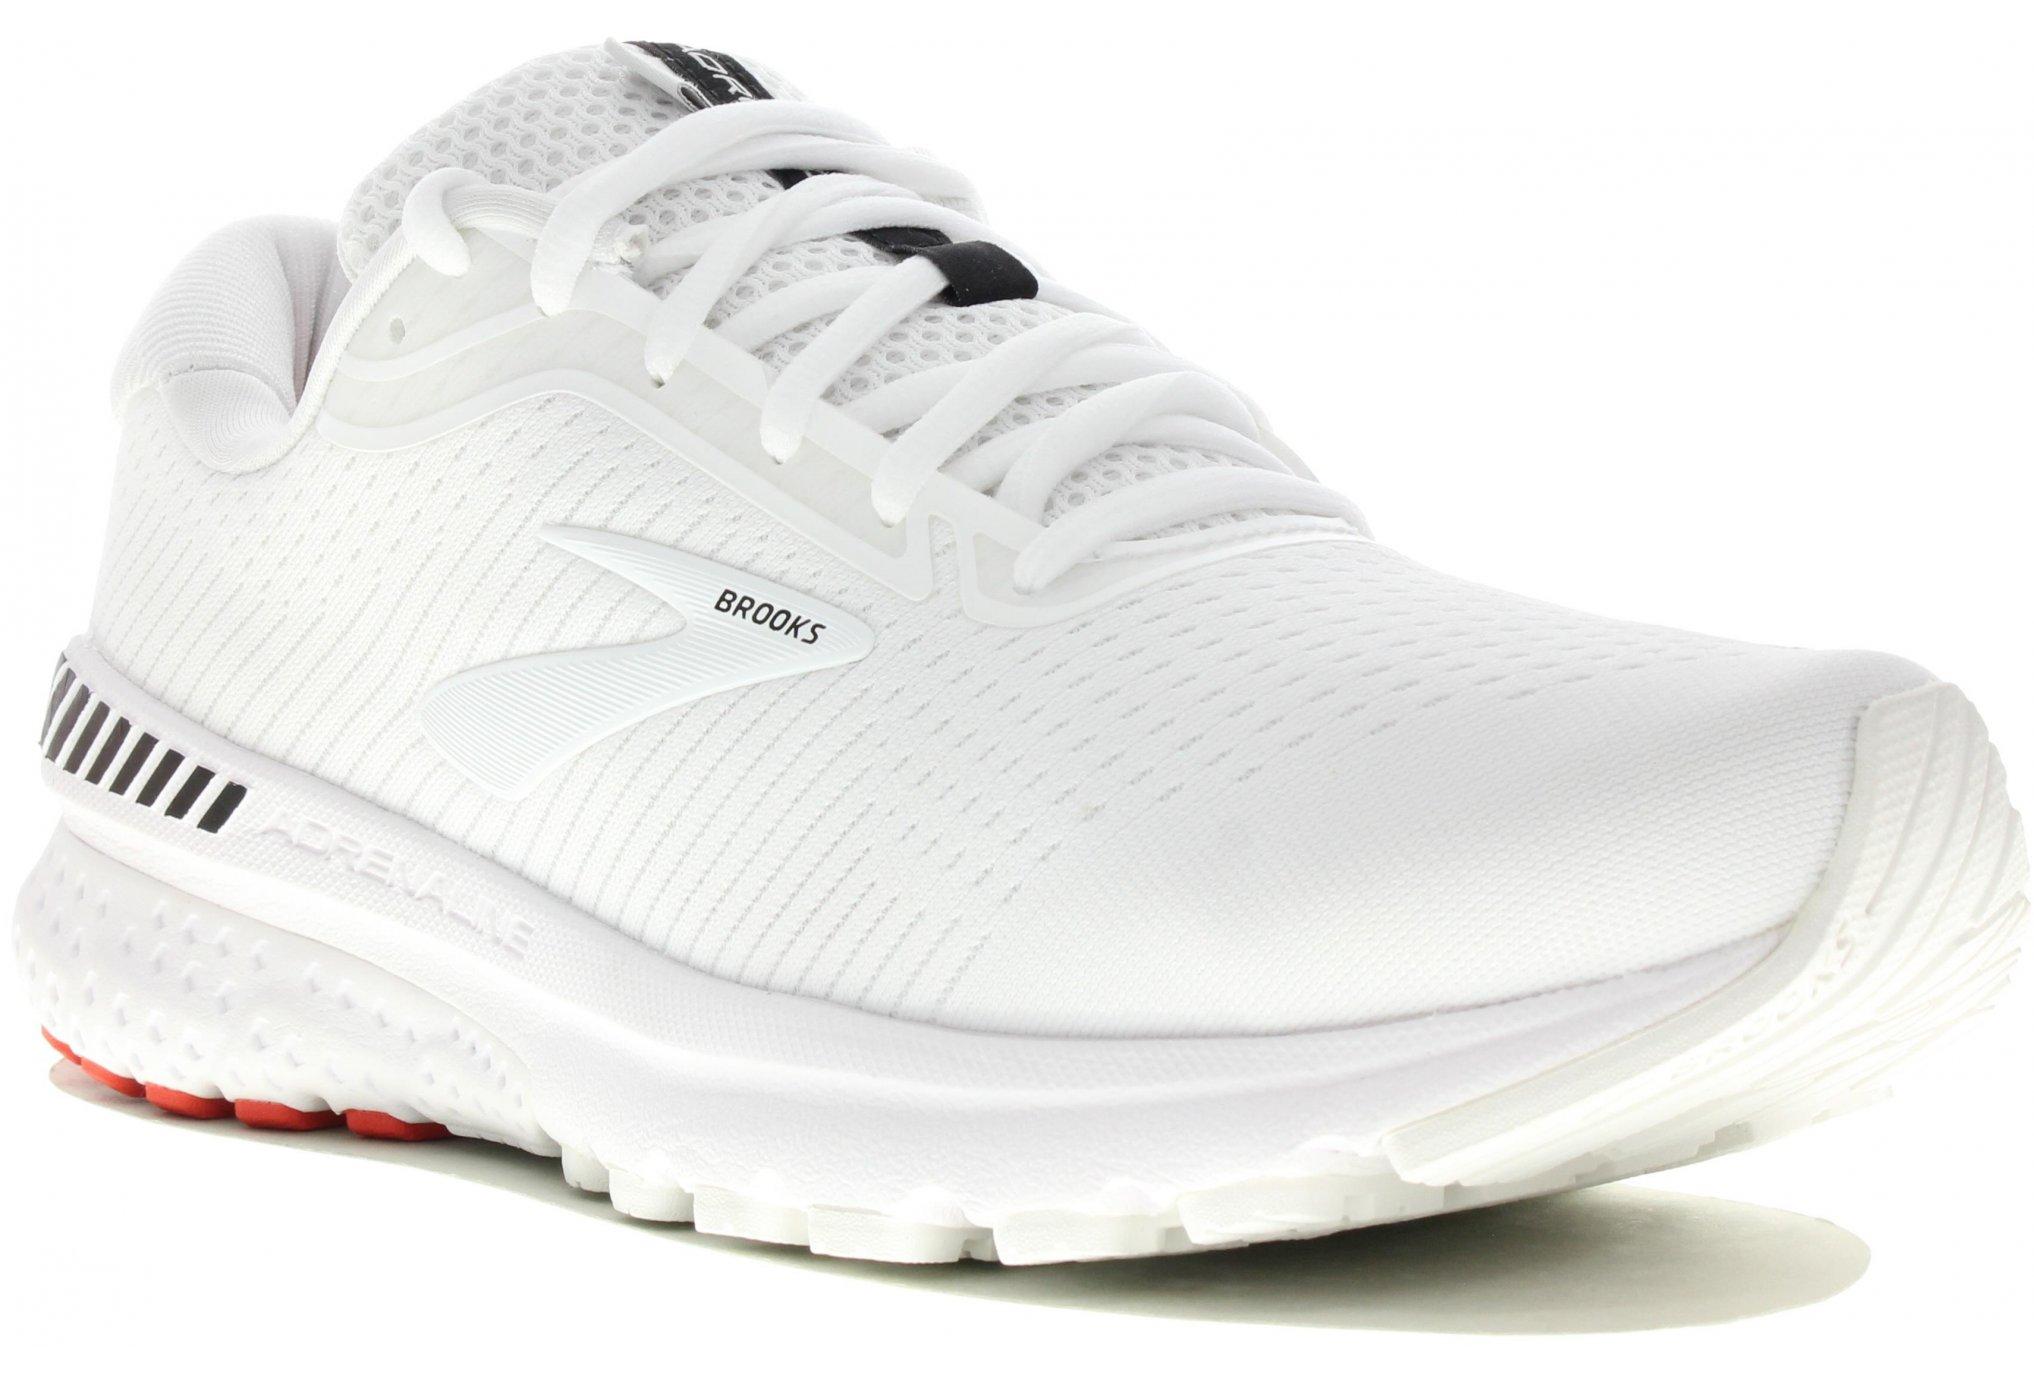 Brooks Adrenaline GTS 20 M Diététique Chaussures homme